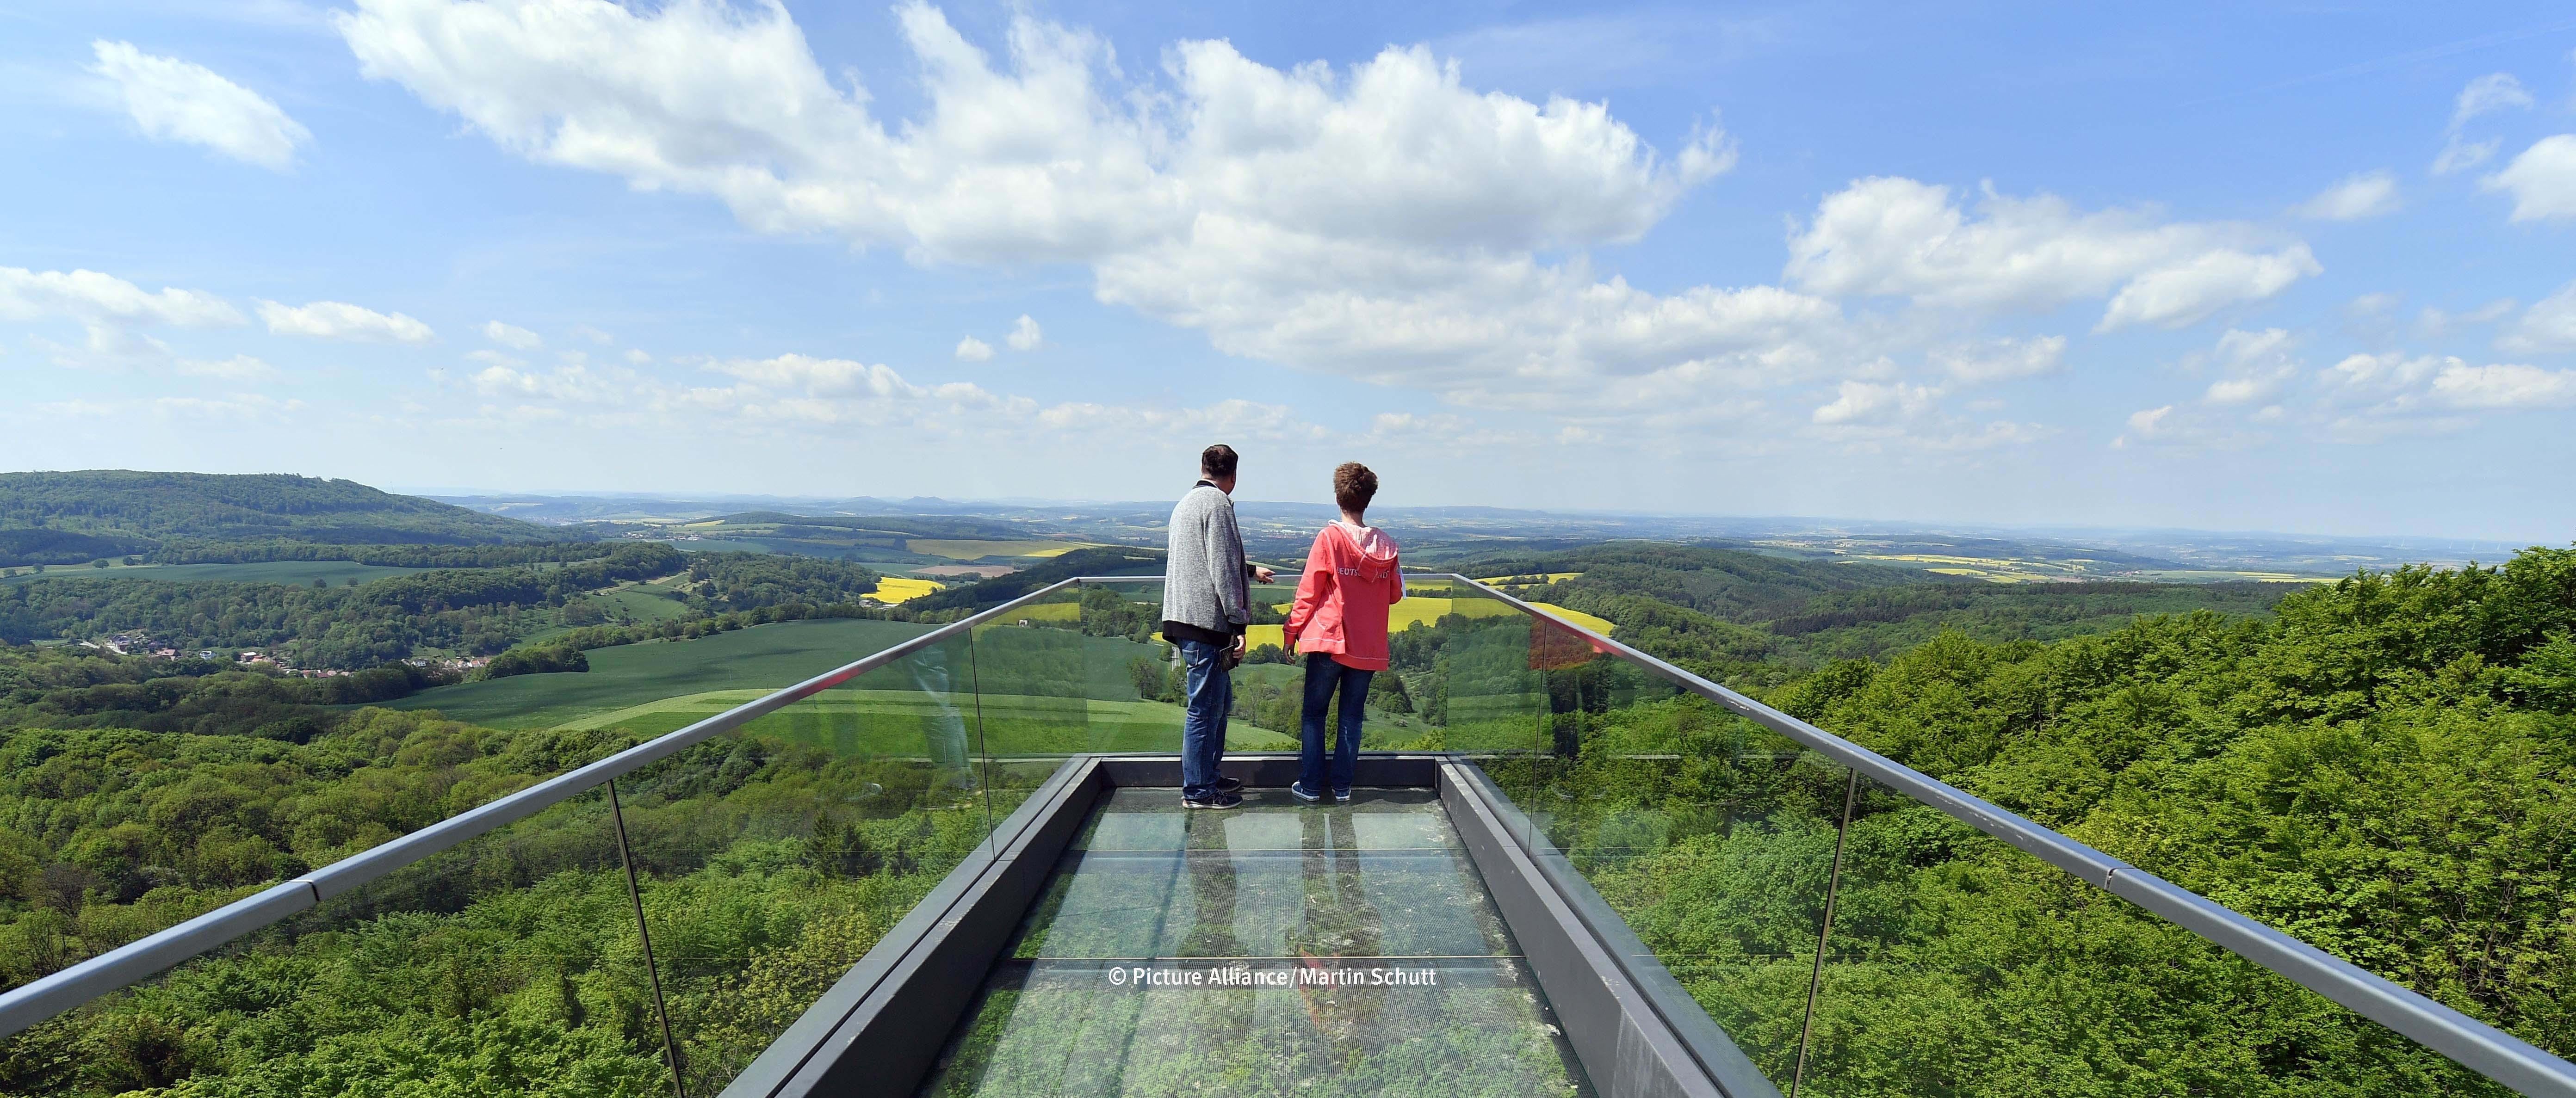 Ein Paar blickt vom Skywallk auf die sommerliche Landschaft Thüringens